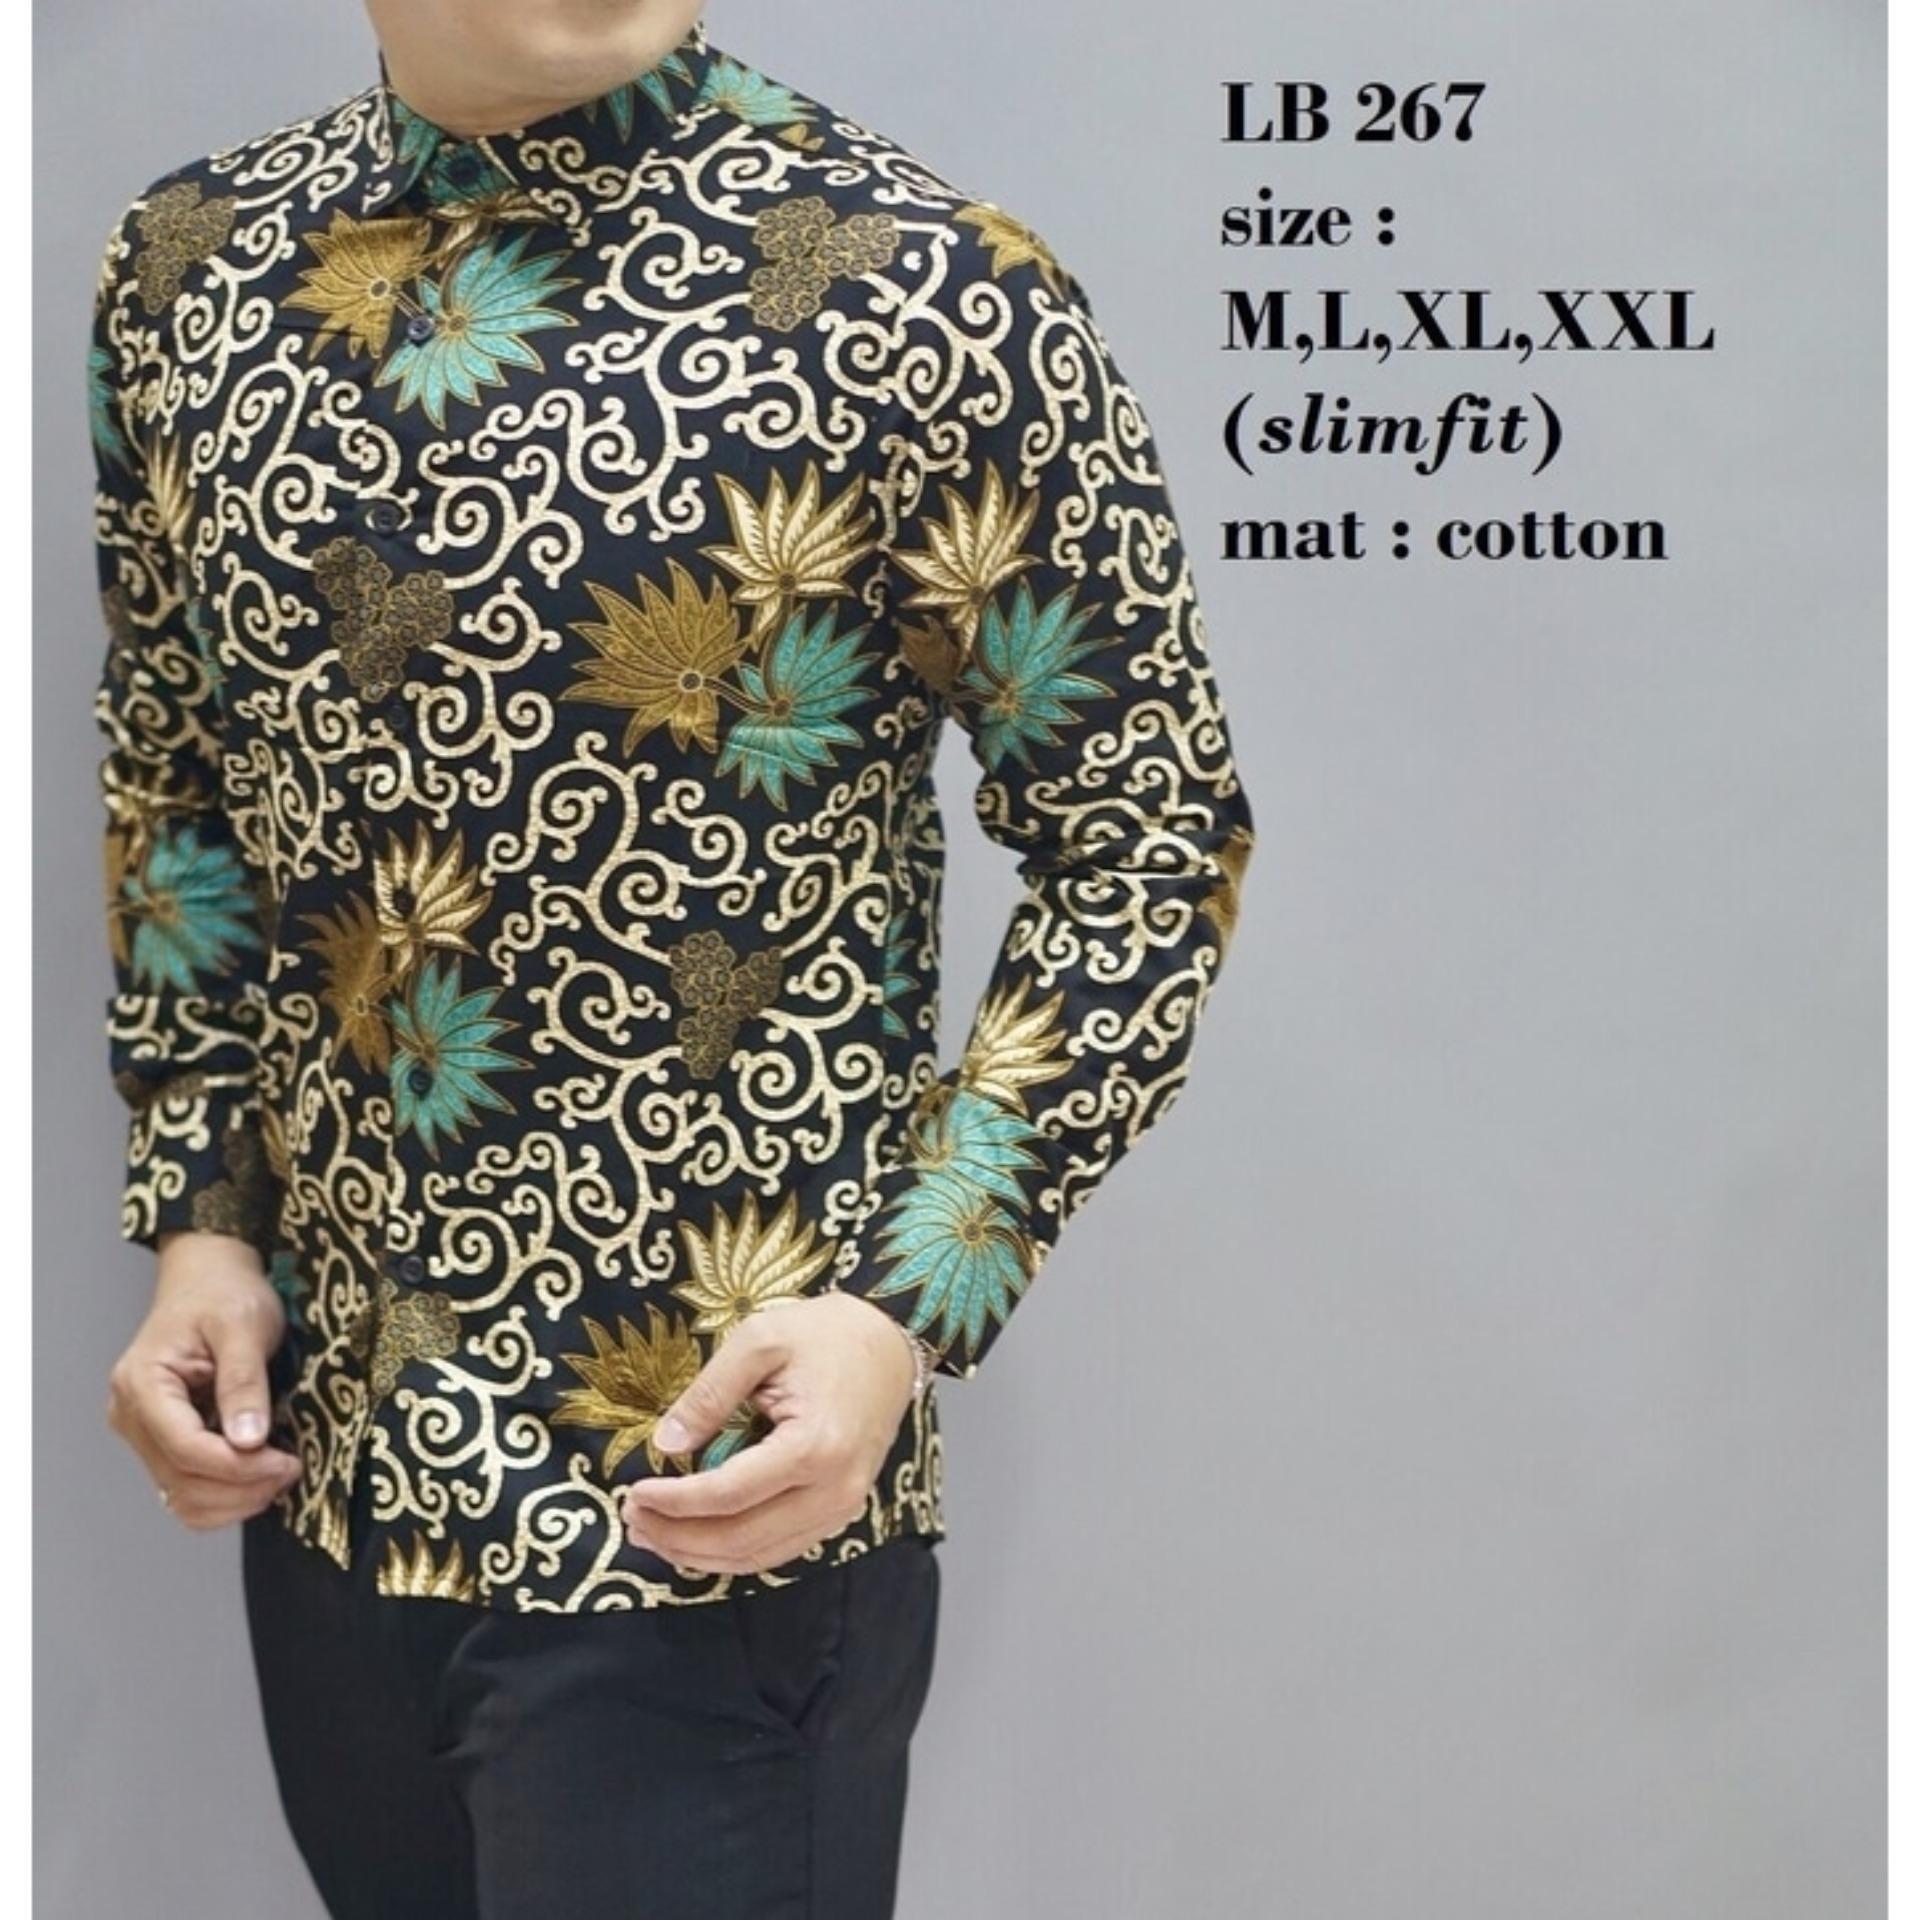 Jual Baju Pria Baju Batik Slimfit Baju Pesta Kemeja Keluarga D486 Bajuku Murah